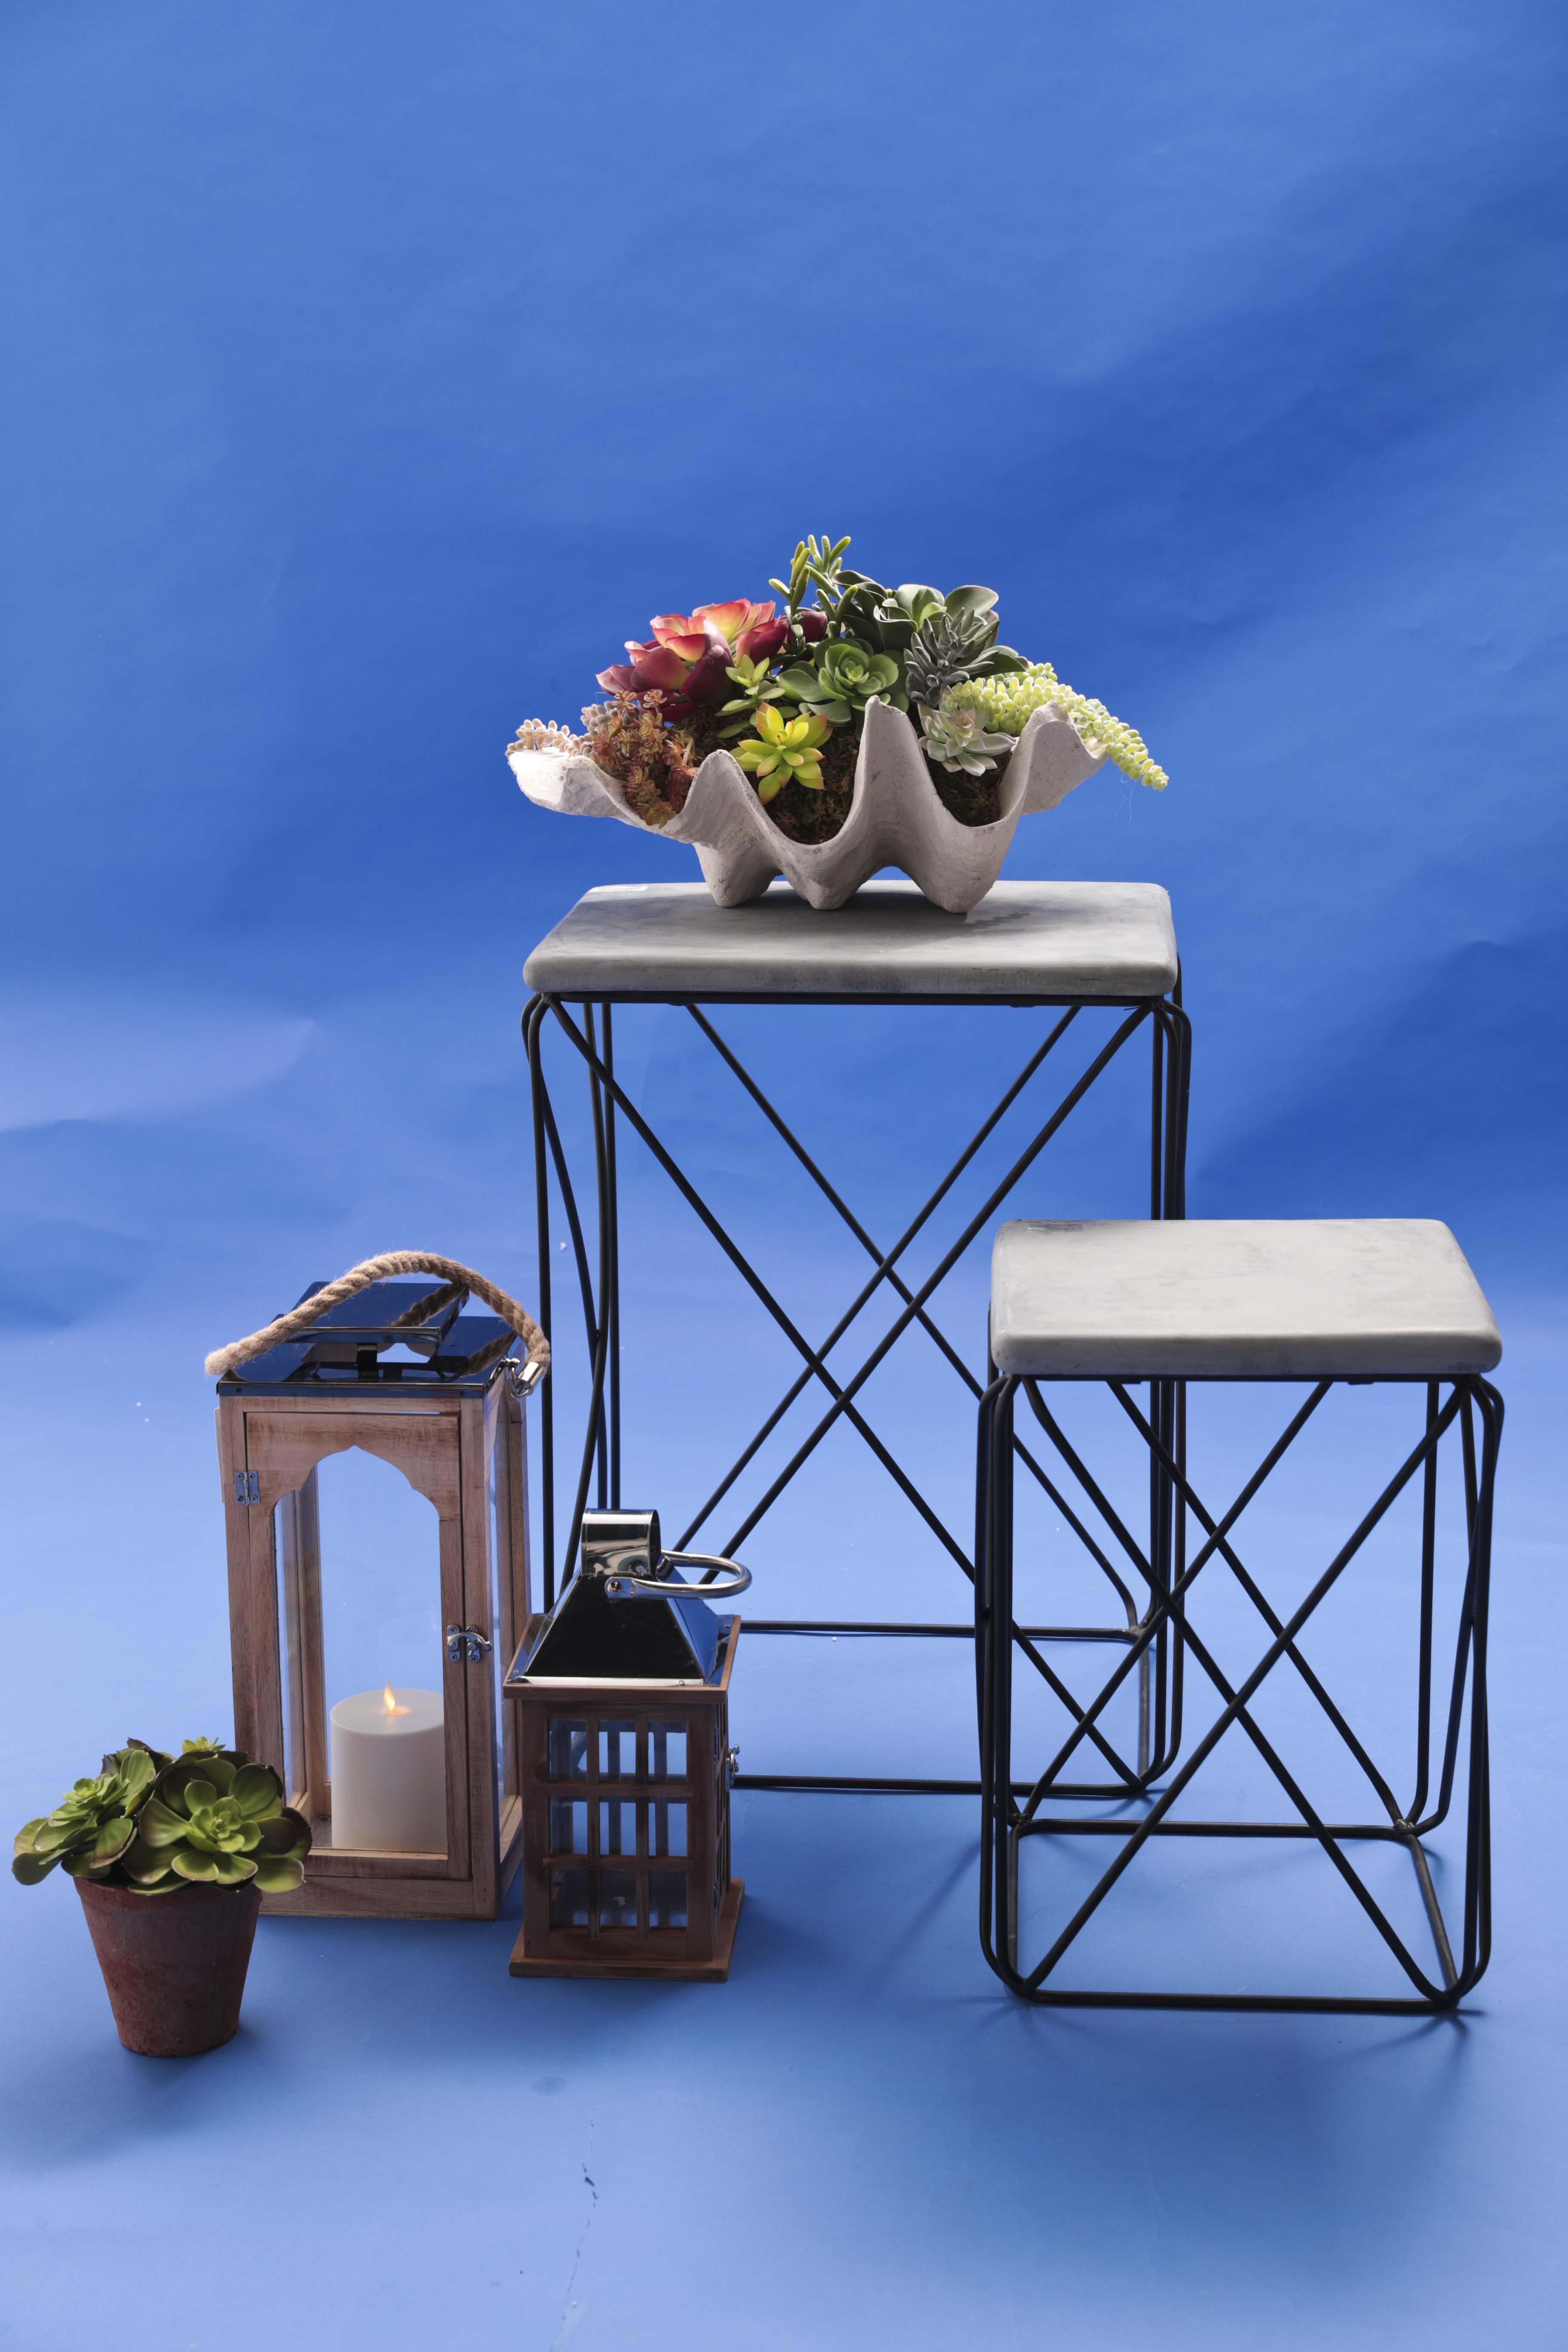 Mesas de metal con tope de cemento de Aliss, almeja en cemento con imitación de variedades de suculentas, de Pottery Barn. Faroles de madera, de Aliss. Imitación de suculenta en tiesto, de Pottery Barn. (Foto Wanda LIz Vega)